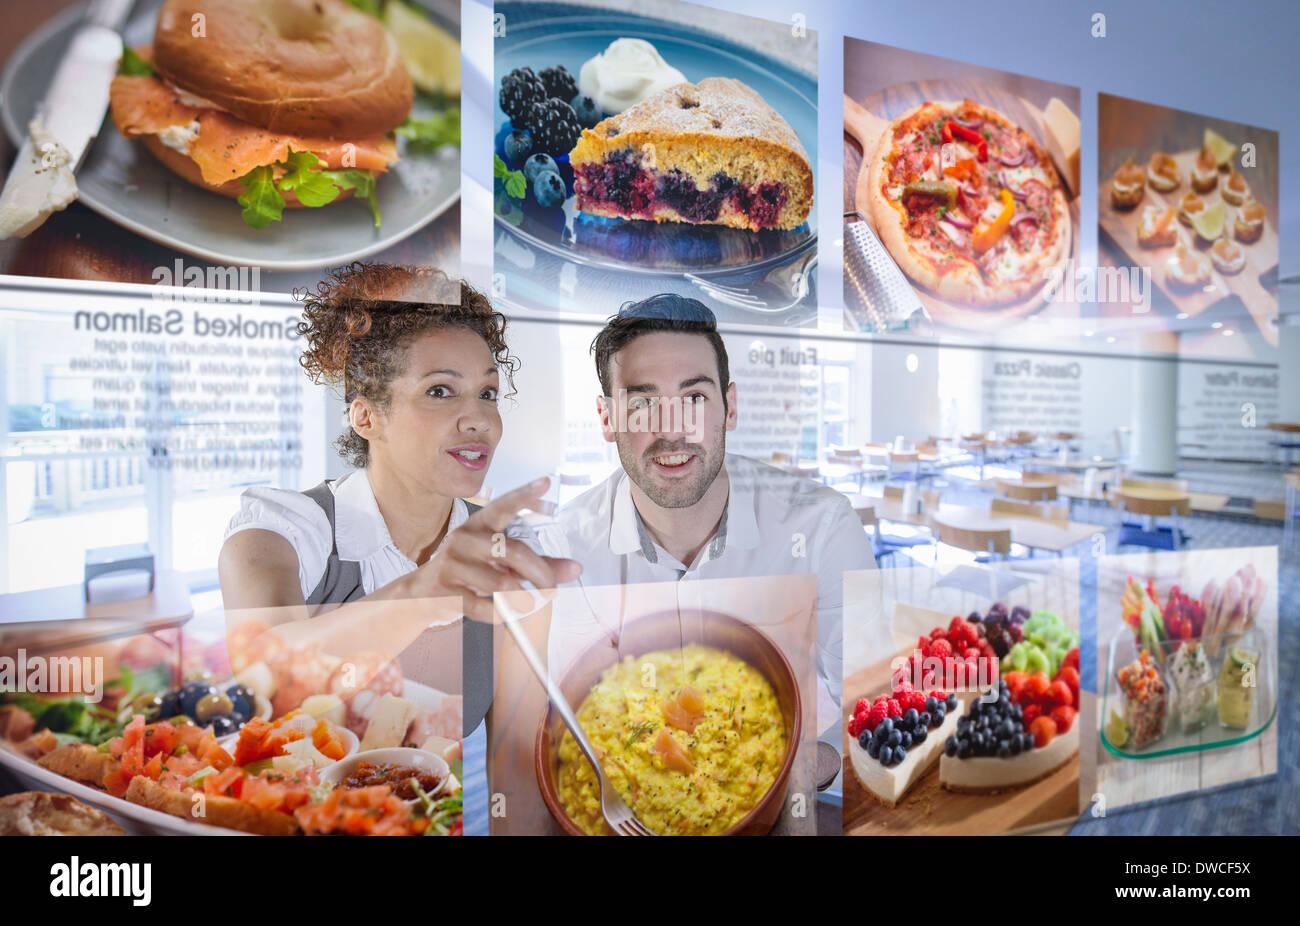 Les clients choisissent des aliments à partir de l'affichage interactif dans office canteen Photo Stock